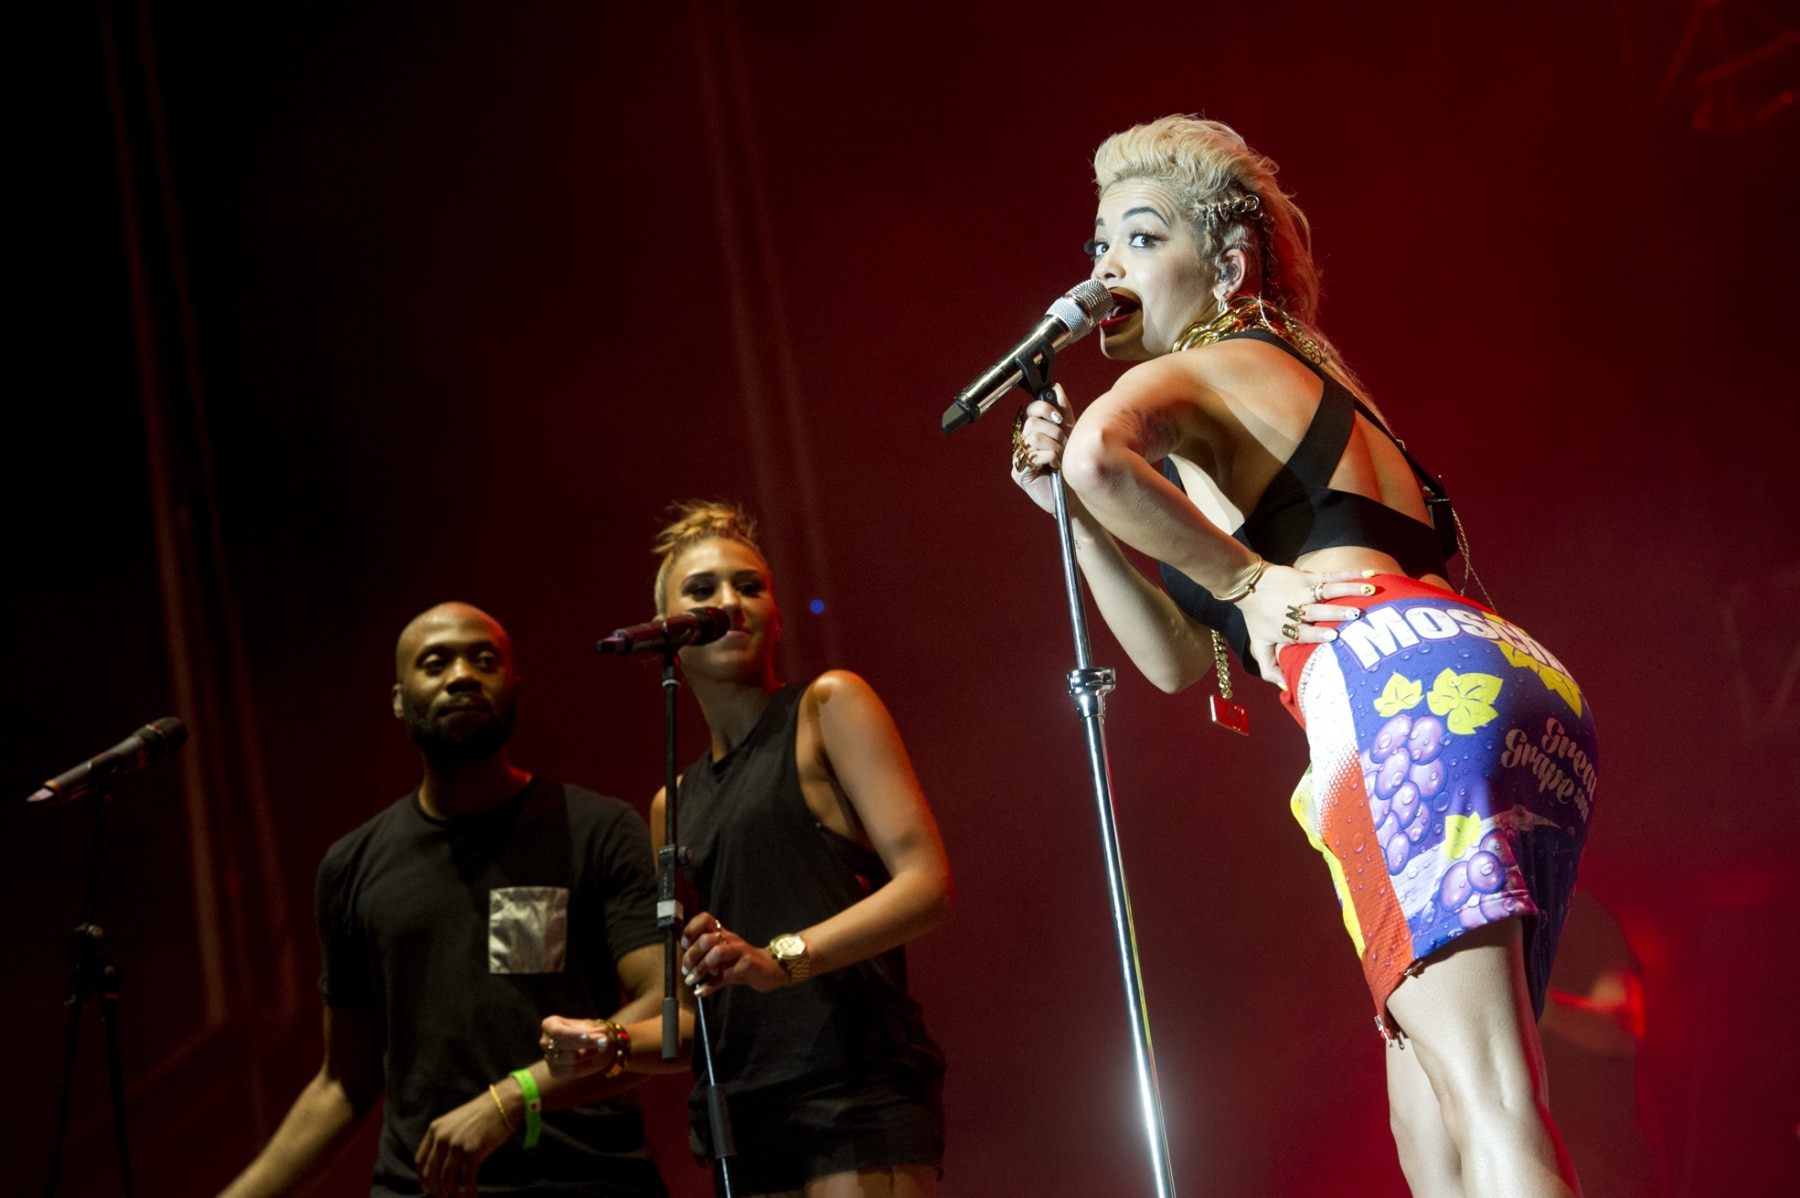 6-de-septiembre-2014-iii-gibraltar-music-festival35_15165405641_o